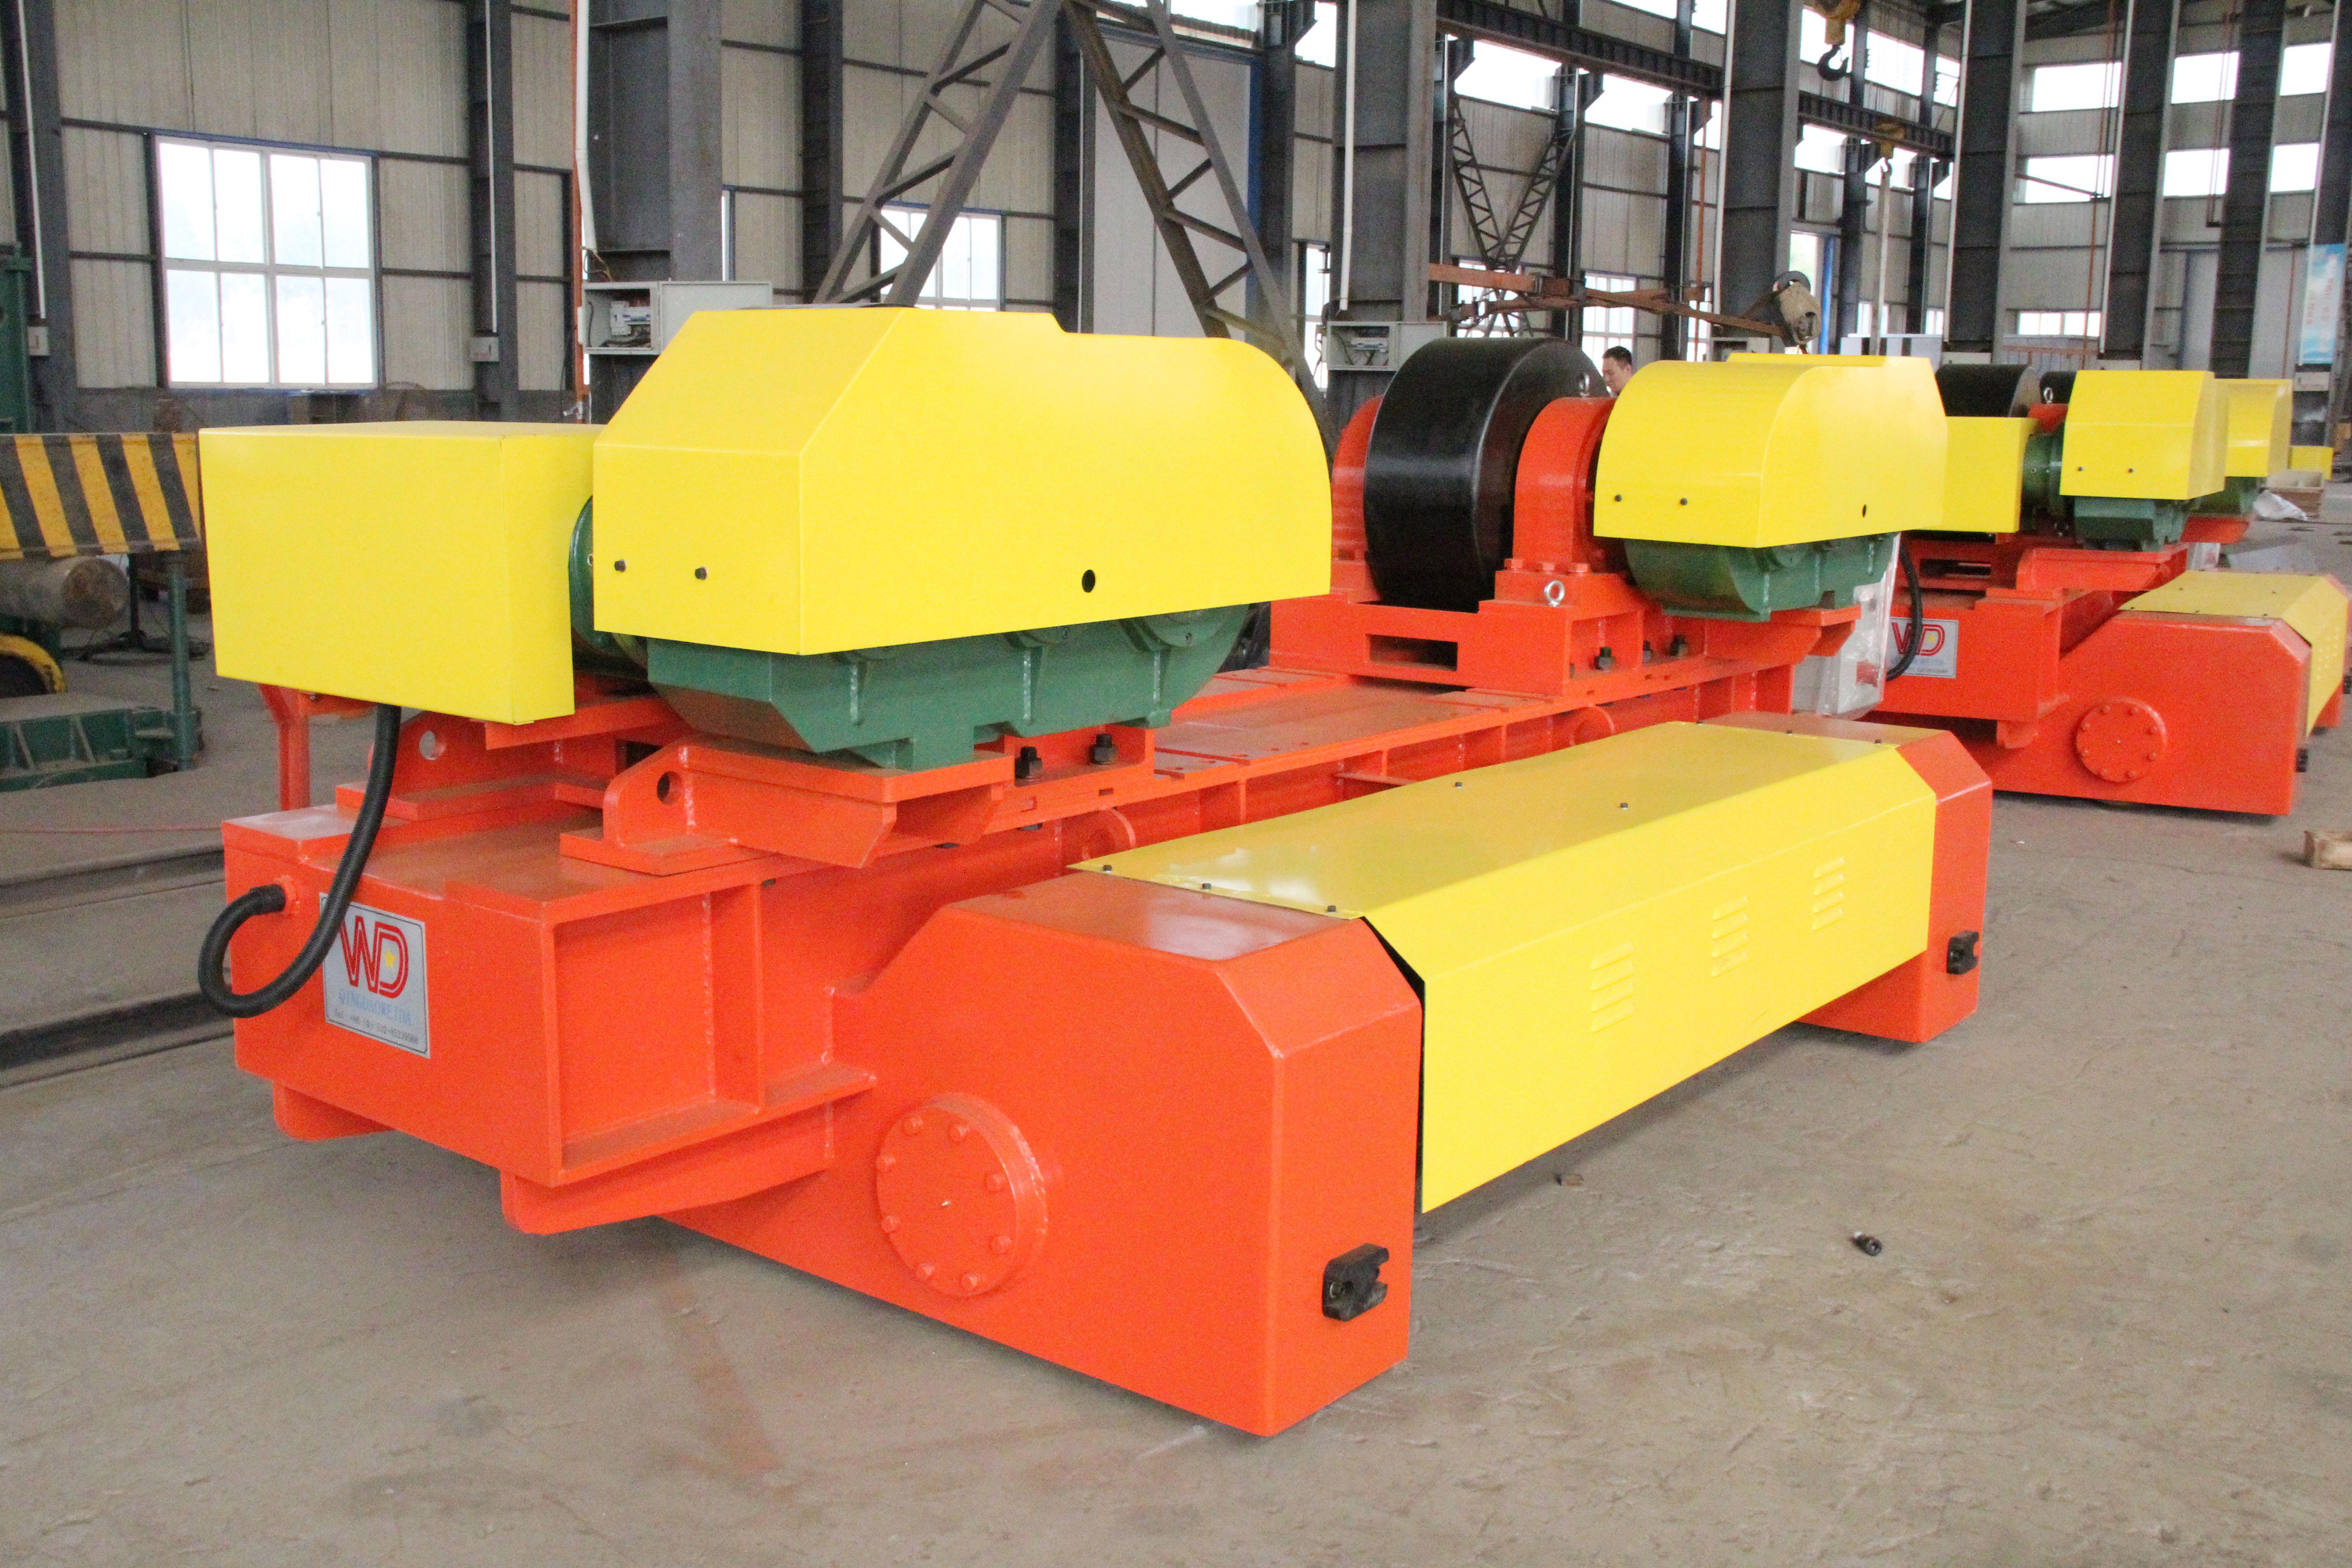 可调式滚轮架-KT-400T电动行走焊接滚轮架-3